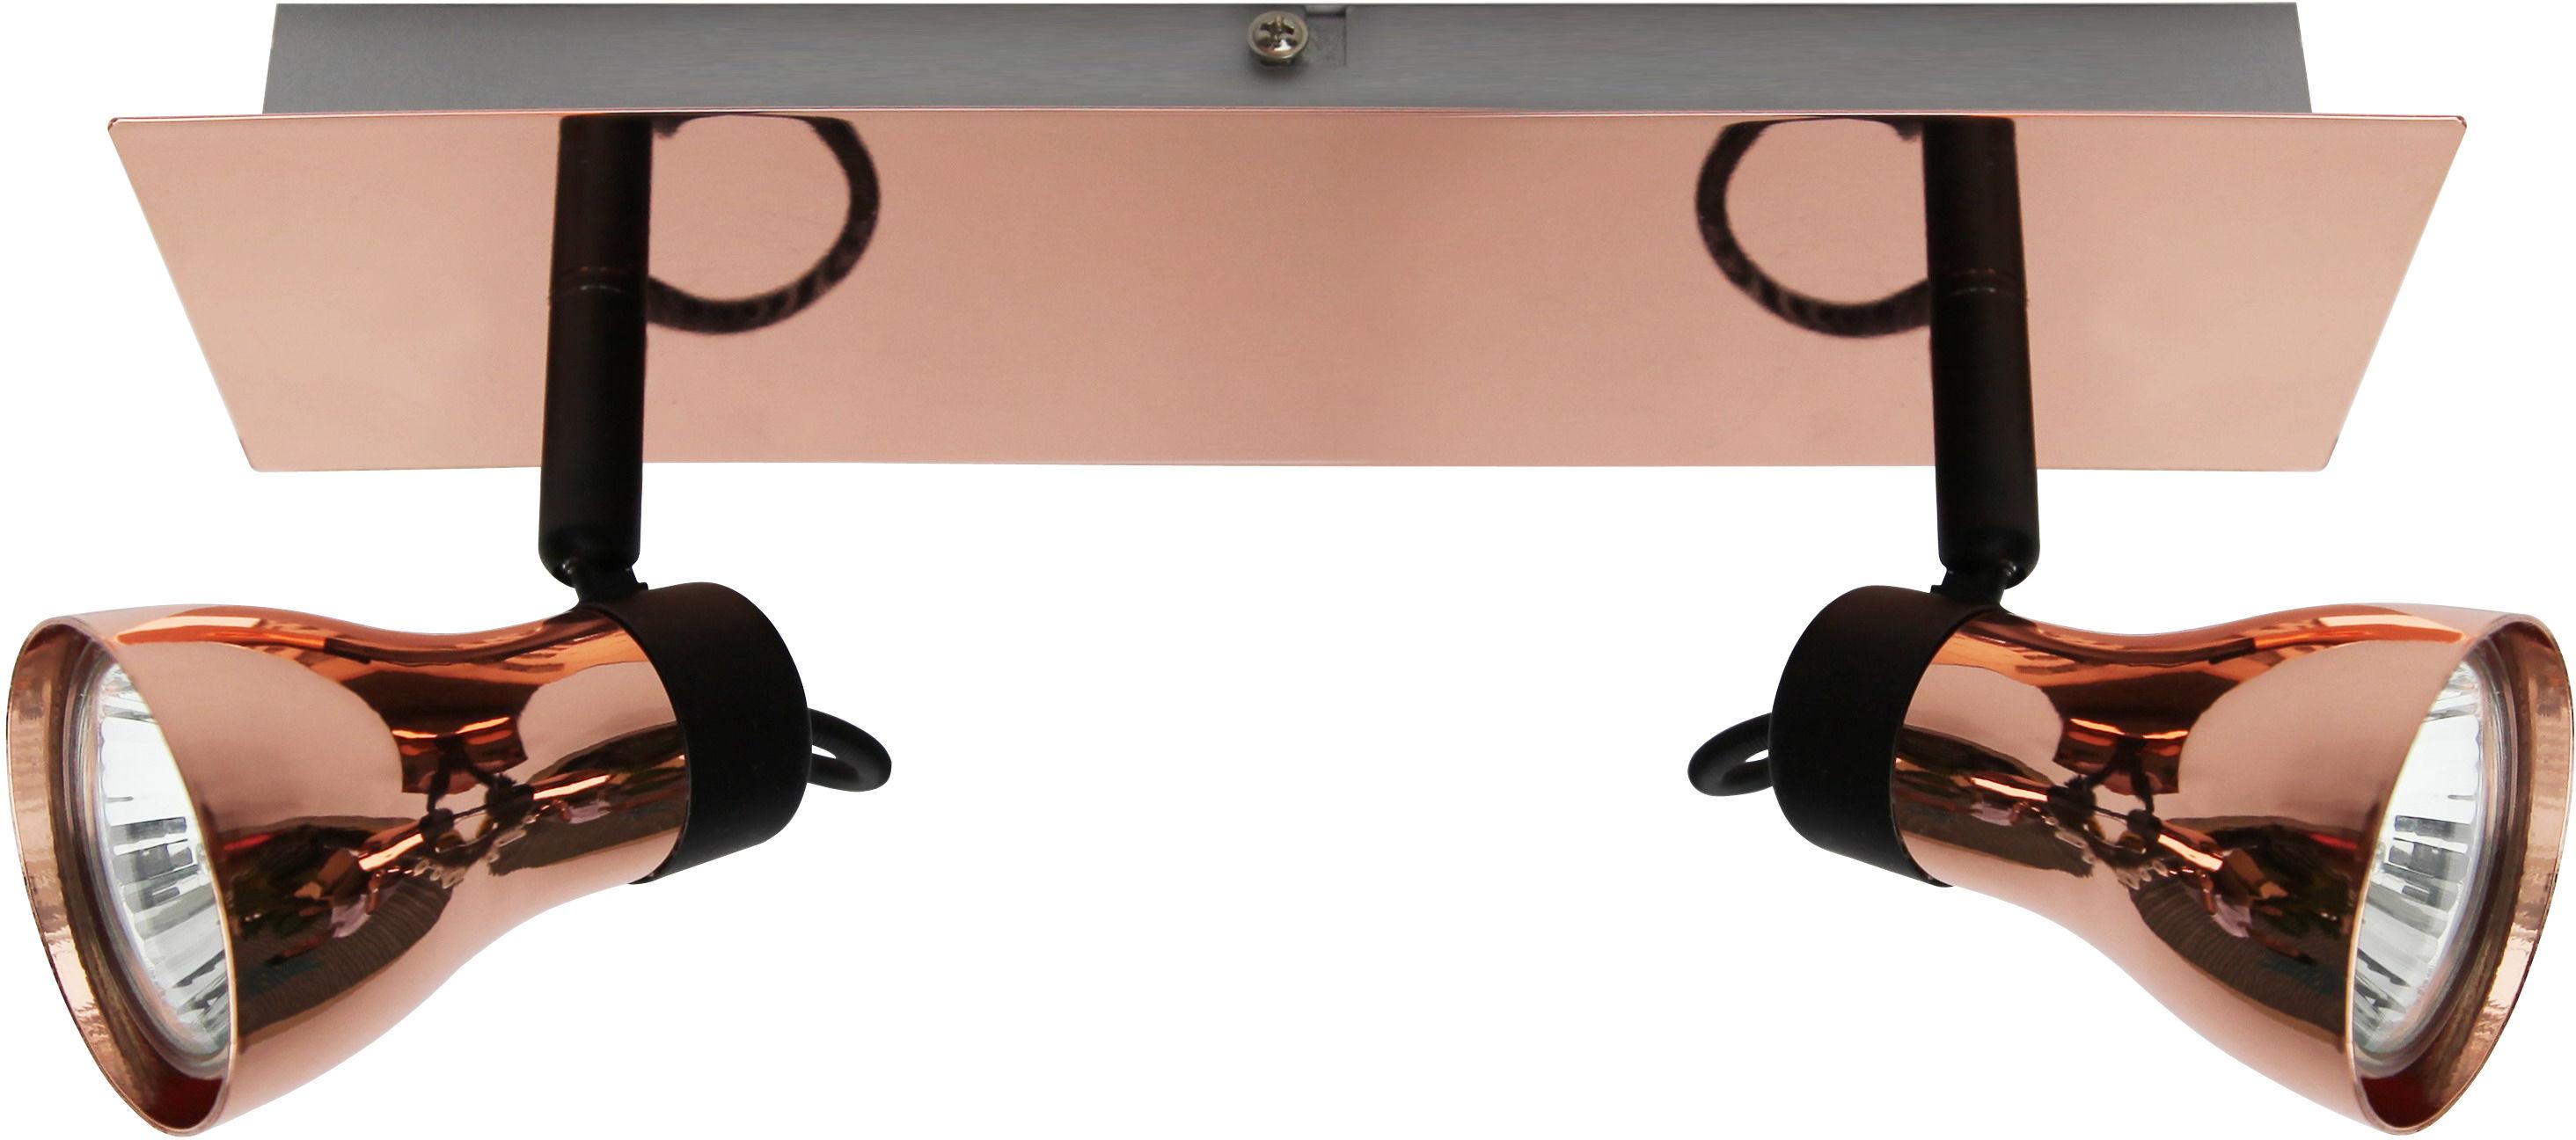 Candellux ANGUS 92-39095 oprawa oświetleniowa spot czarny+miedziany abażurki metalowe 2X50W GU10 31cm